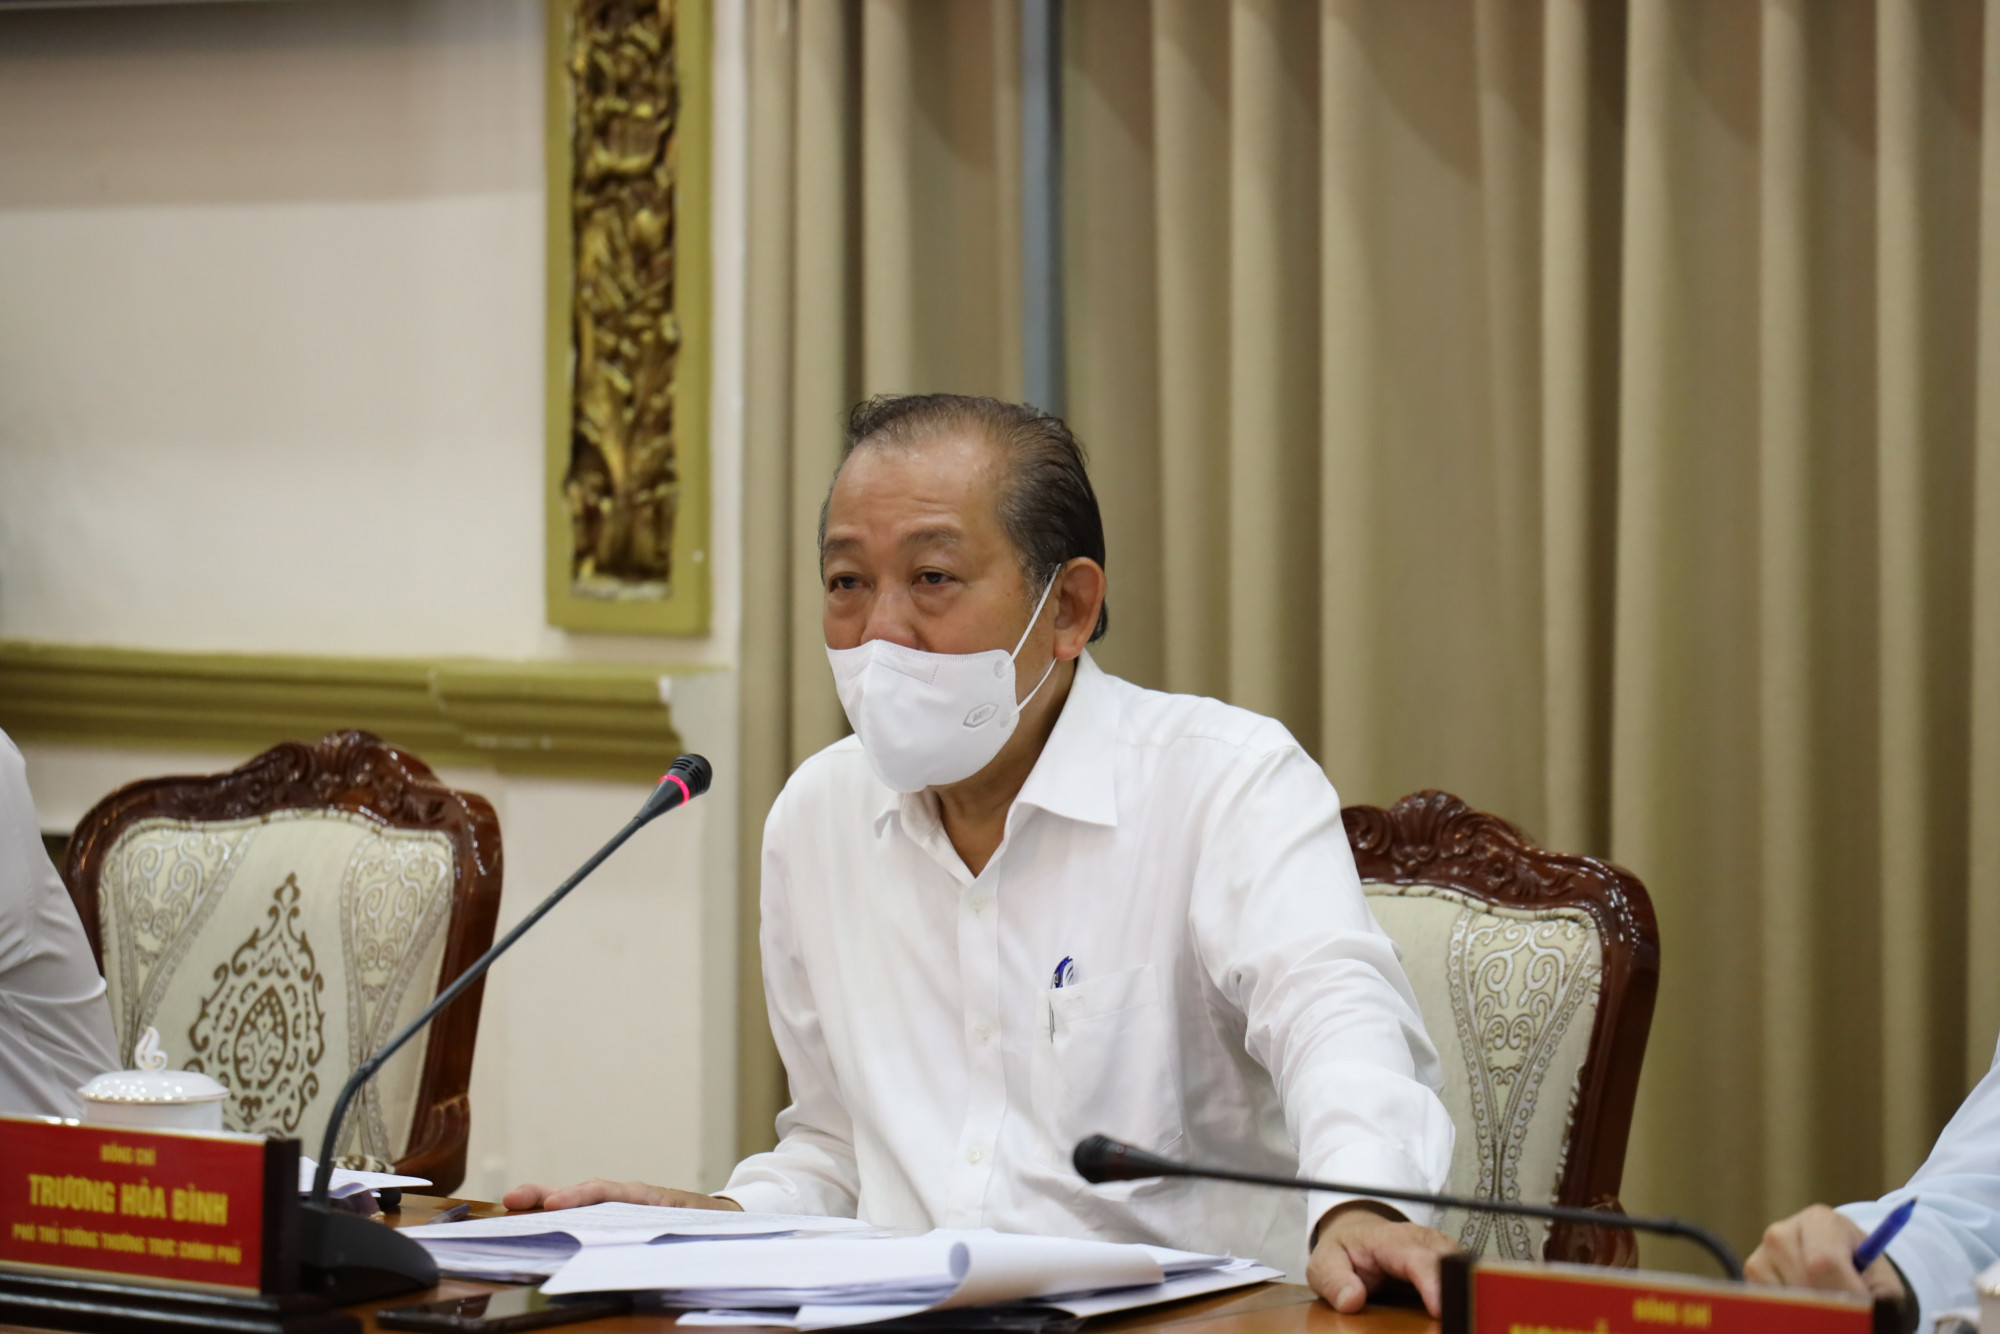 Phó thủ tướng thường trực Trương Hòa Bình dẫn đầu đã có buổi làm việc với Ban chỉ đạo phòng, chống dịch COVID-19 tại TPHCM vào sáng 1/6/2021